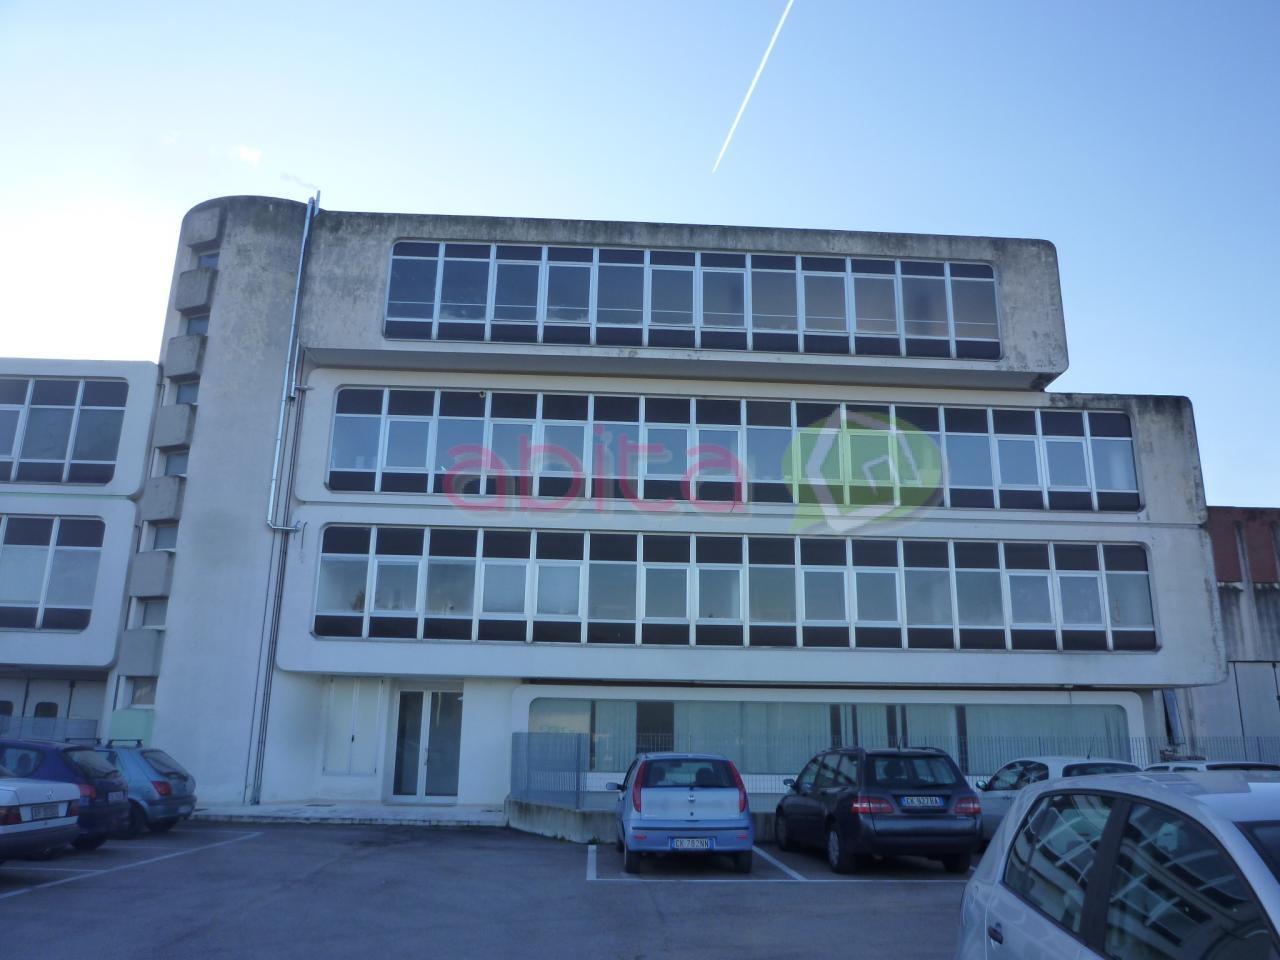 Ufficio / Studio in affitto a Ascoli Piceno, 9999 locali, zona Zona: Campolungo, prezzo € 700 | CambioCasa.it